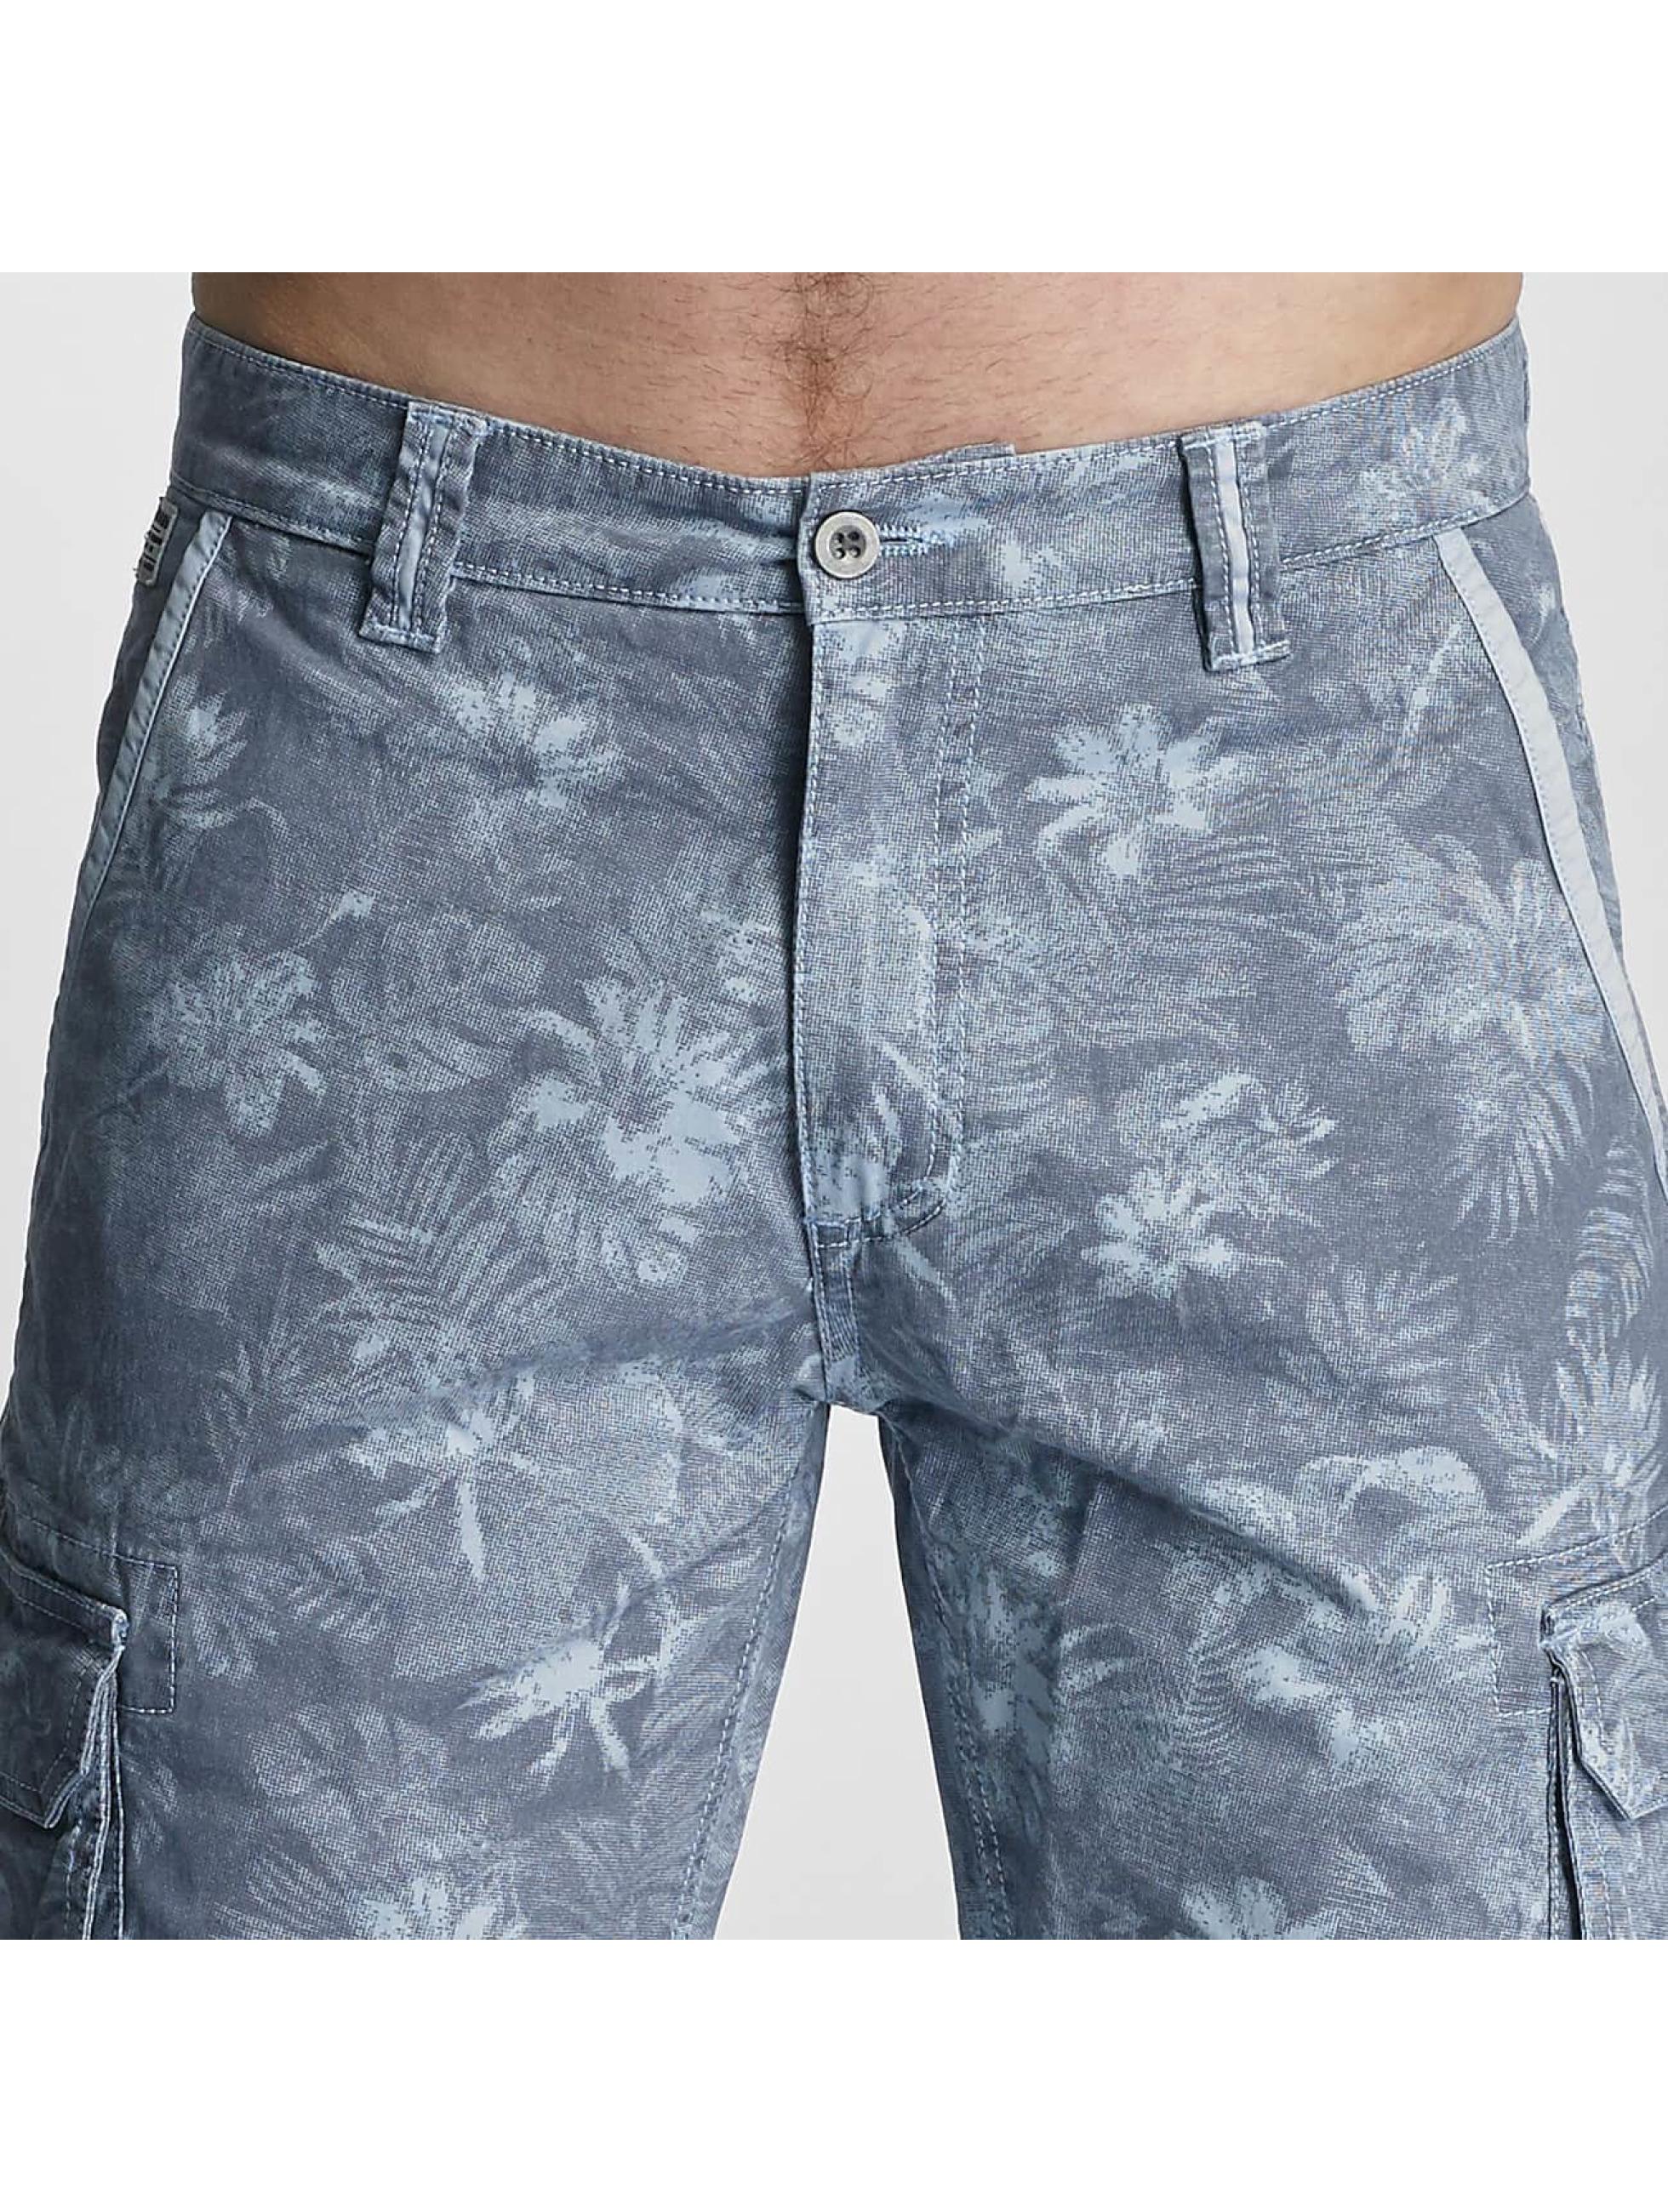 SHINE Original Shorts Long Printed blau